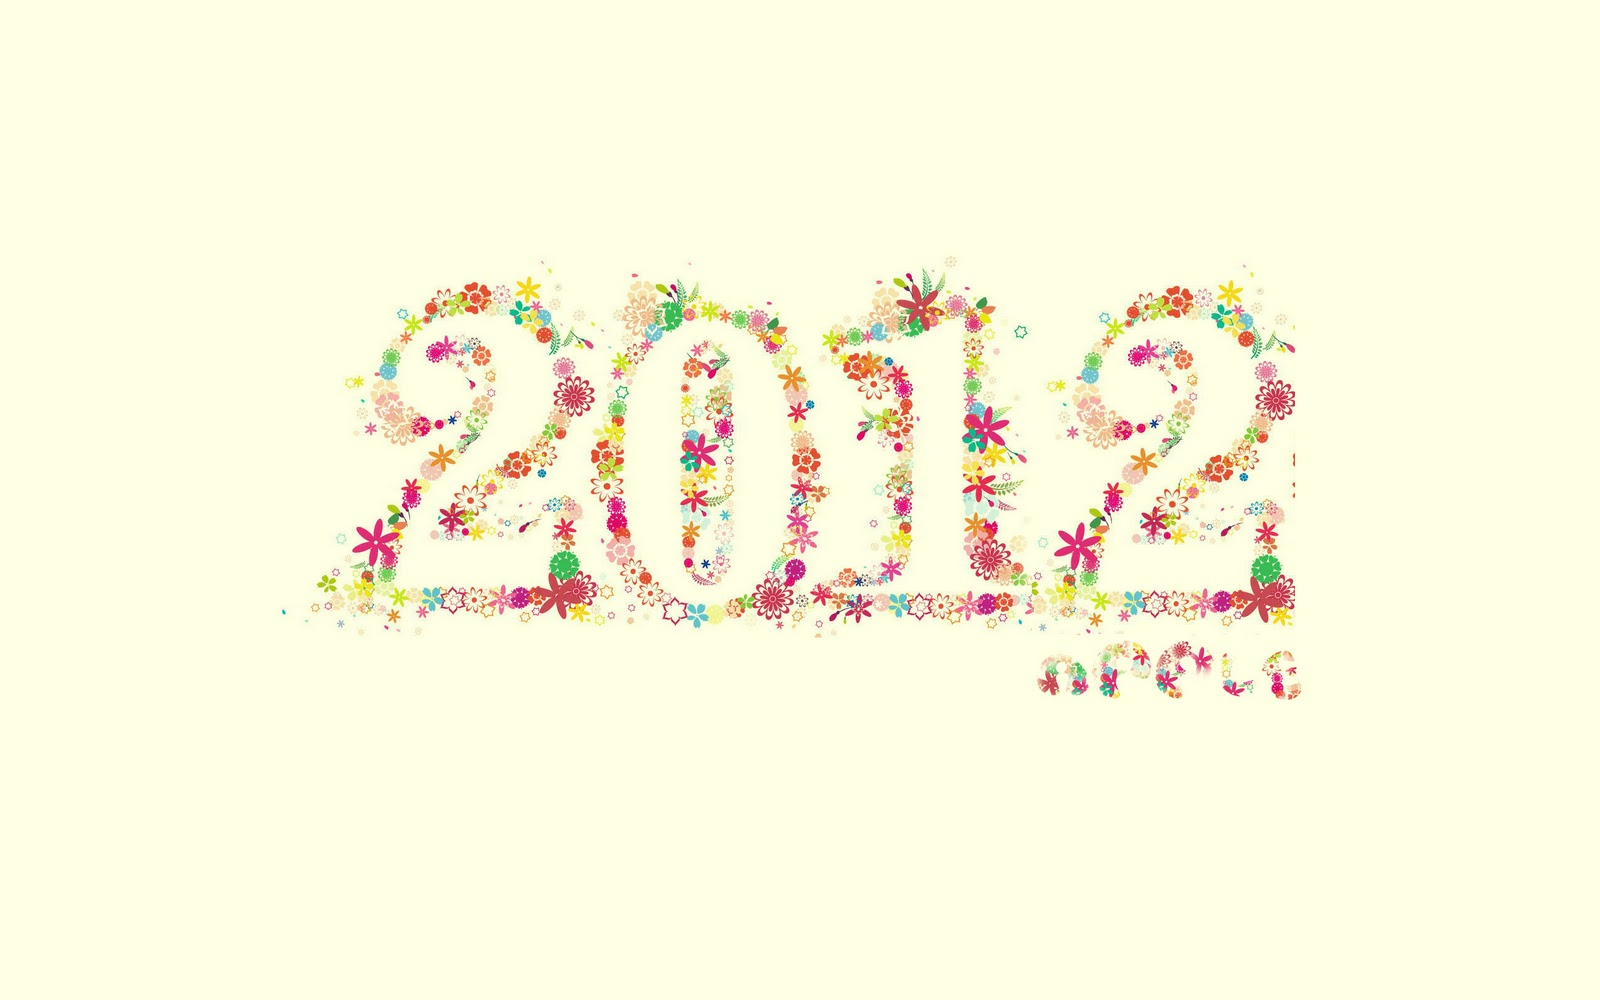 Keep it simple in 2012